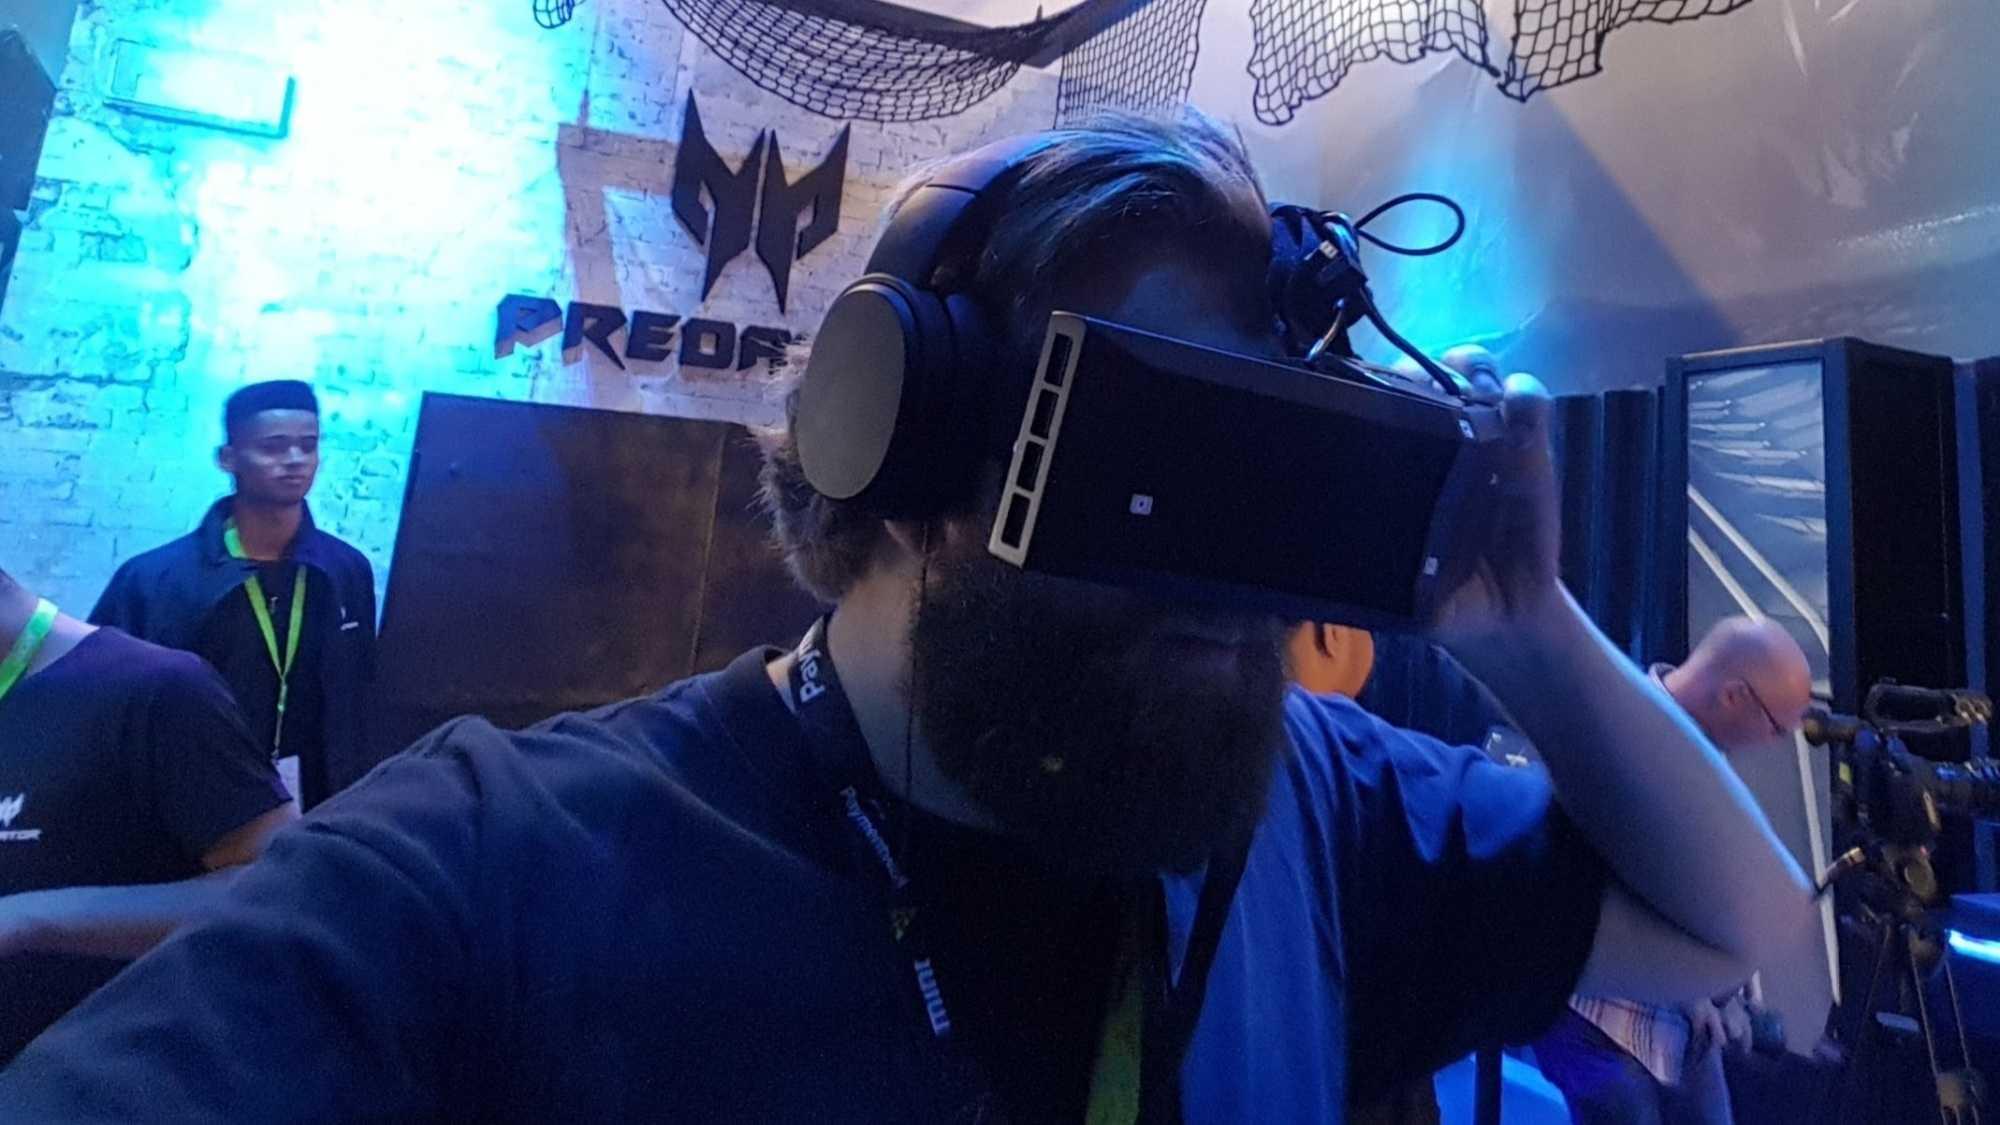 Das StarVR-Headset saß bei unserem Probelauf nicht fest auf dem Kopf, so dass man es mit der Hand stabilisieren musste.